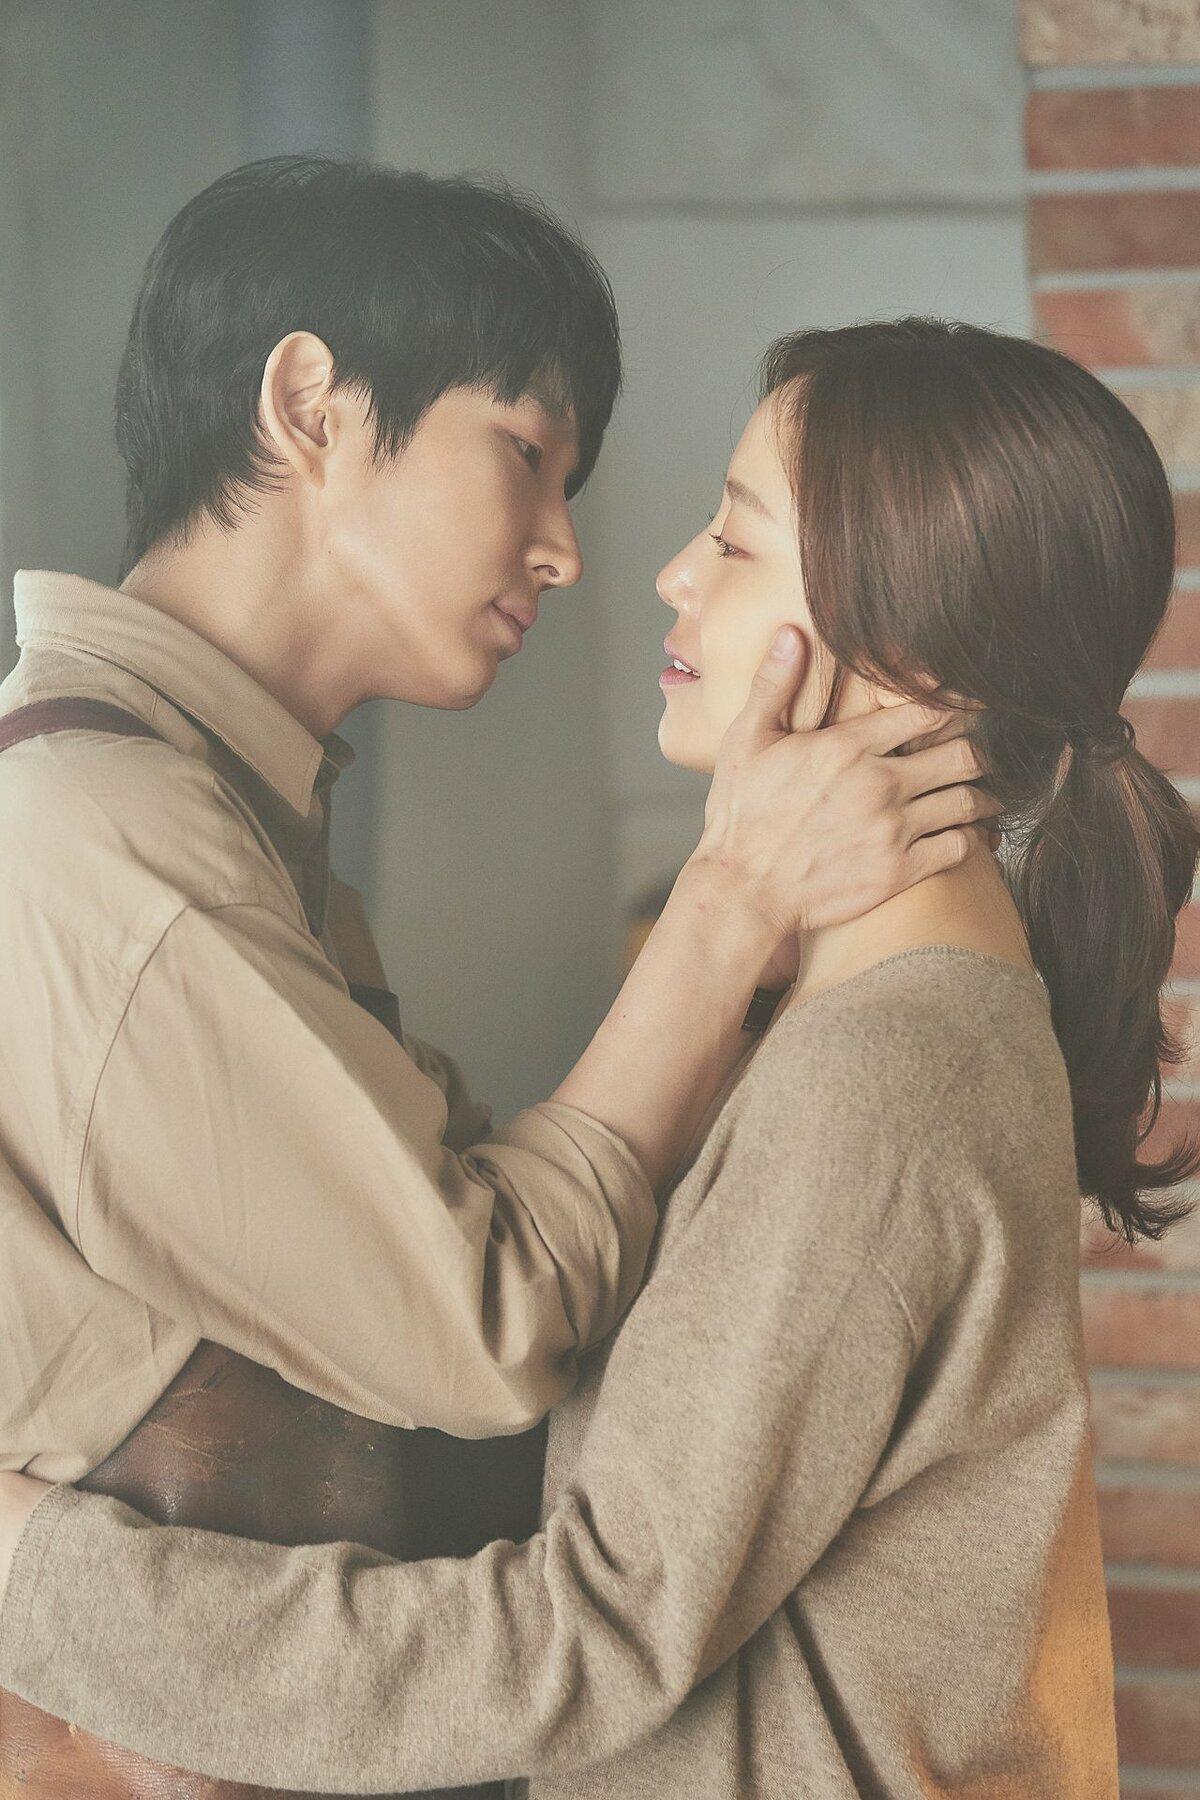 Vừa phút trước, khán giả nhìn thấy Baek Hee Sung trao vợ ánh nhìn dịu dàng, nụ hôn nồng thắm thì trong chớp mắt, gương mặt anh ta đã trở nên lạnh lẽo, không còn cảm xúc gì.